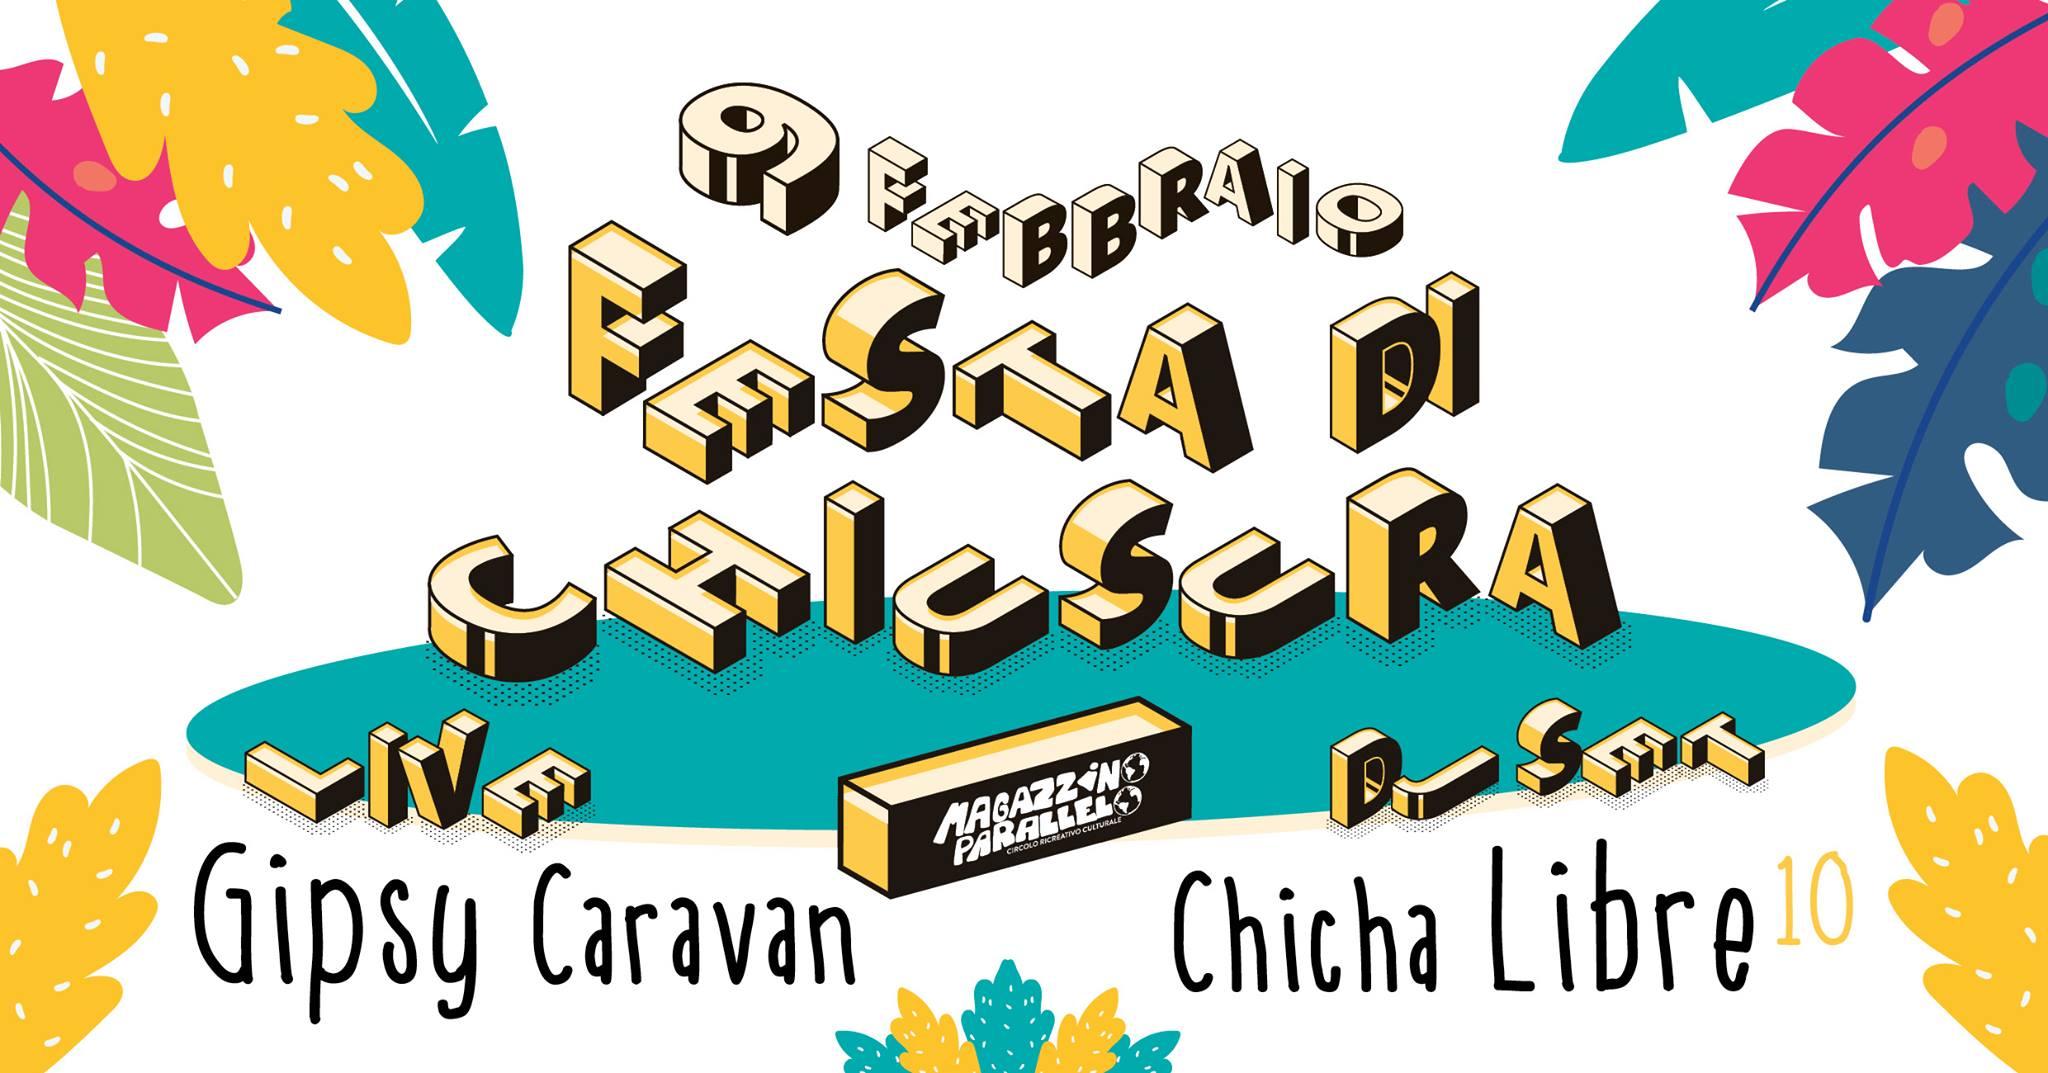 Festa di Chiusura ⌁ Gipsy ⌁ Cumbia ⌁ at Magazzino Parallelo